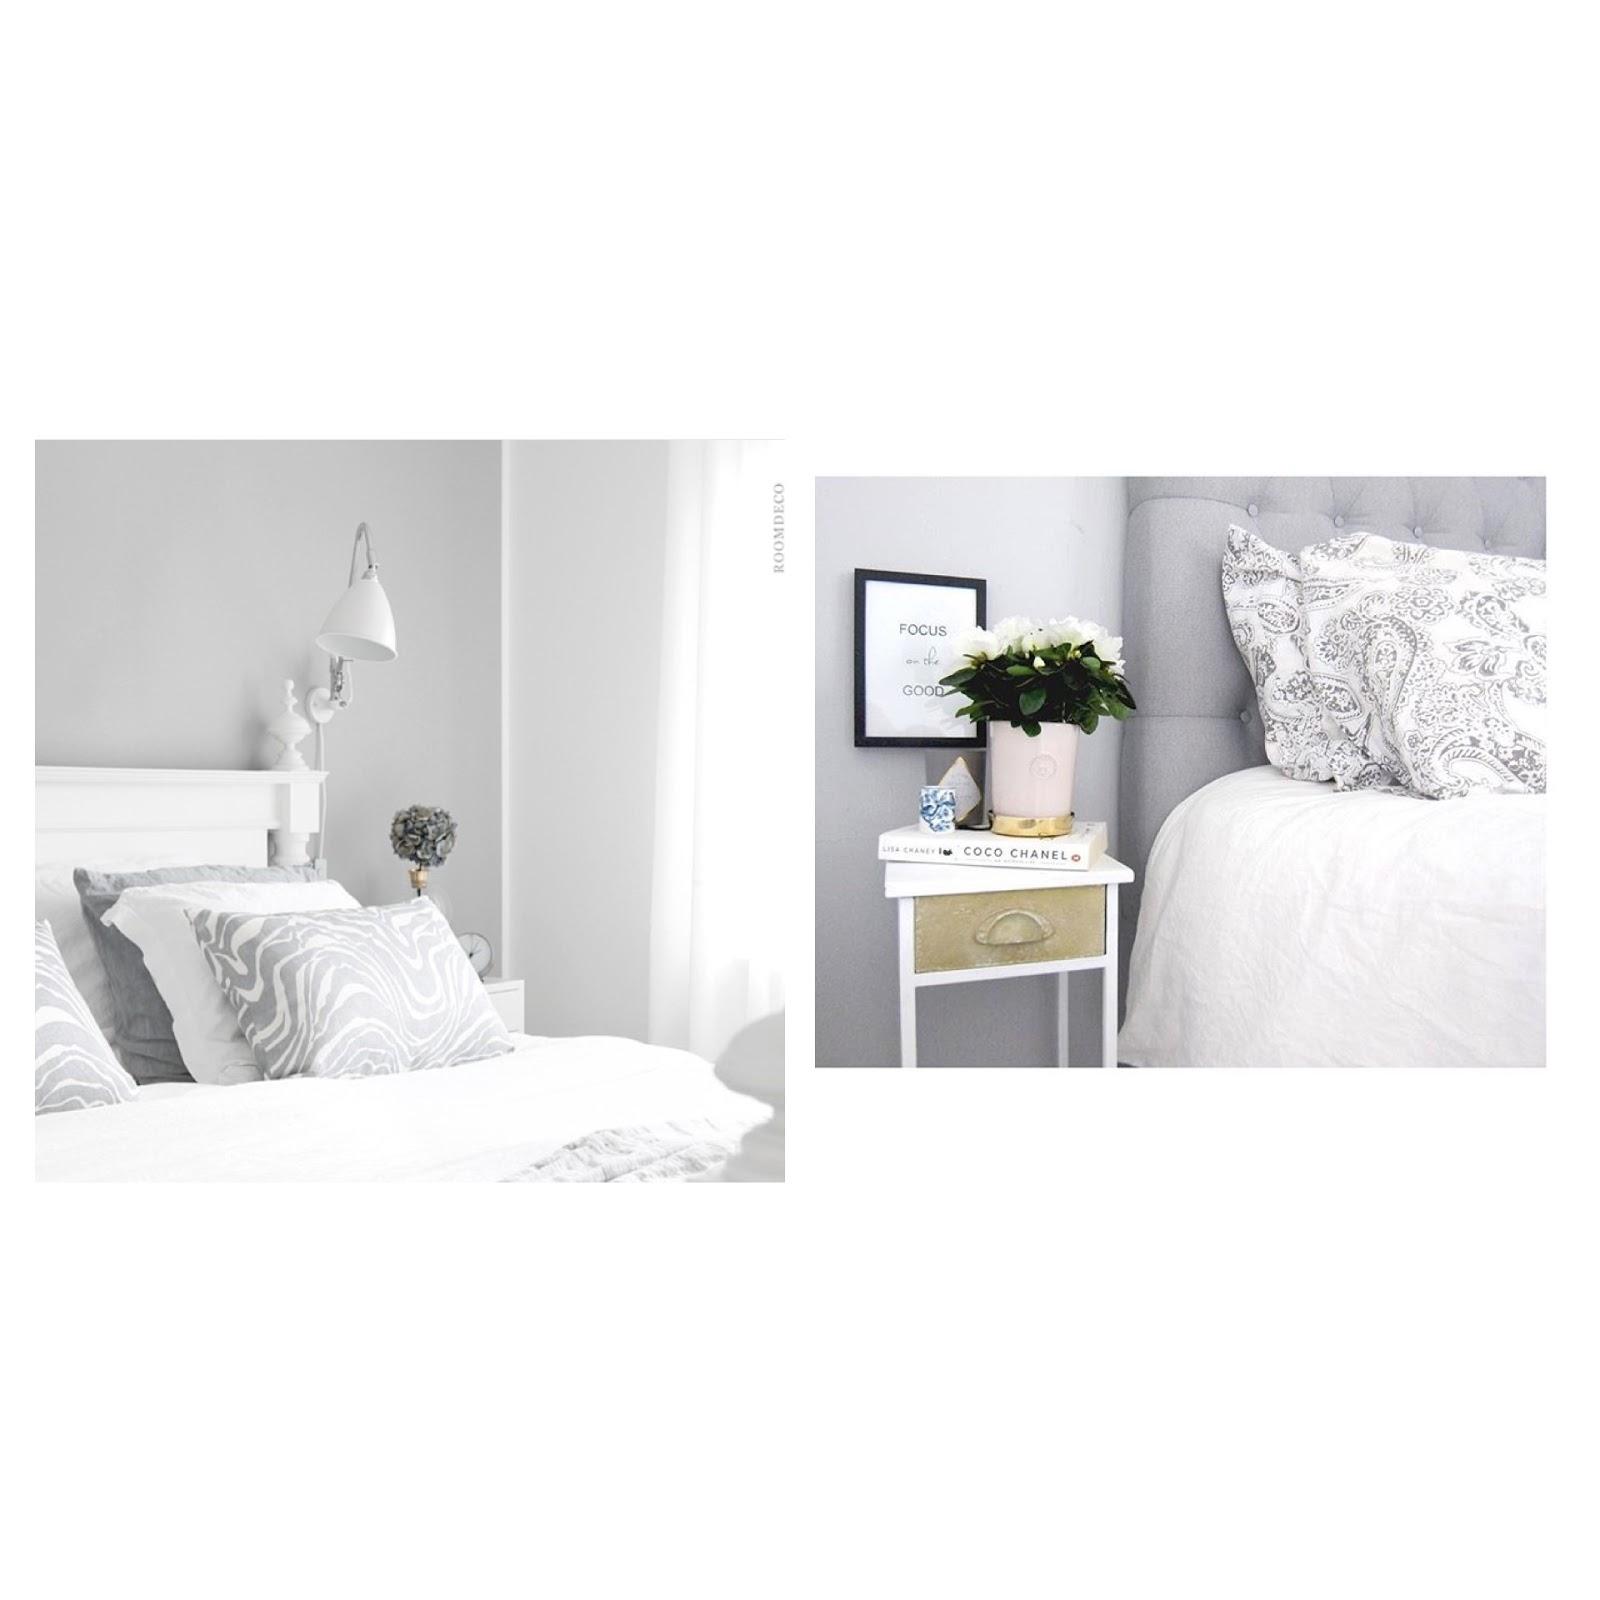 Vita drömmar och choklad: Nytt sovrum